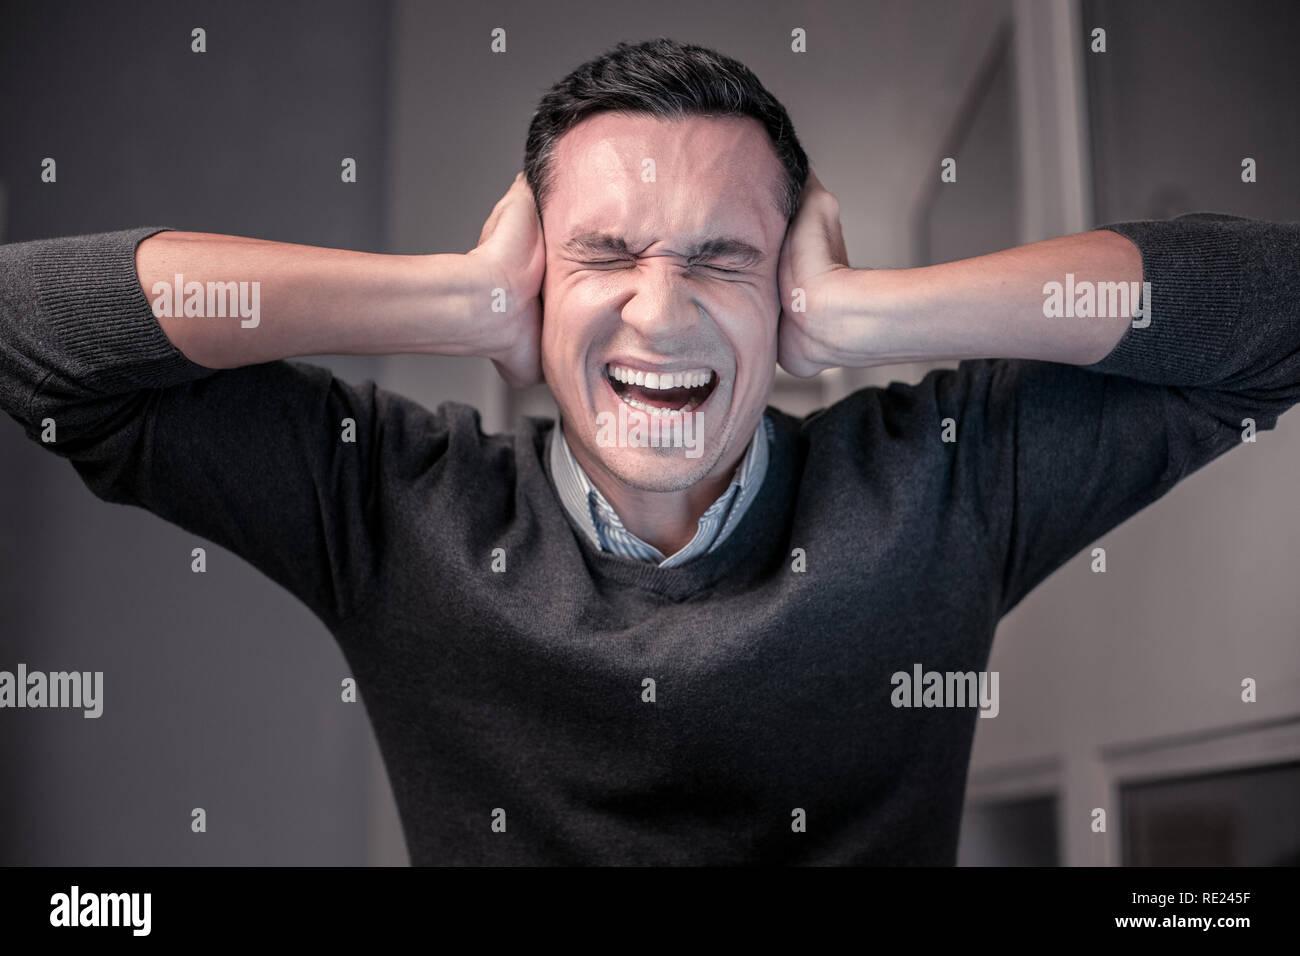 Enojado infeliz hombre teniendo un trabajo muy estresante Imagen De Stock